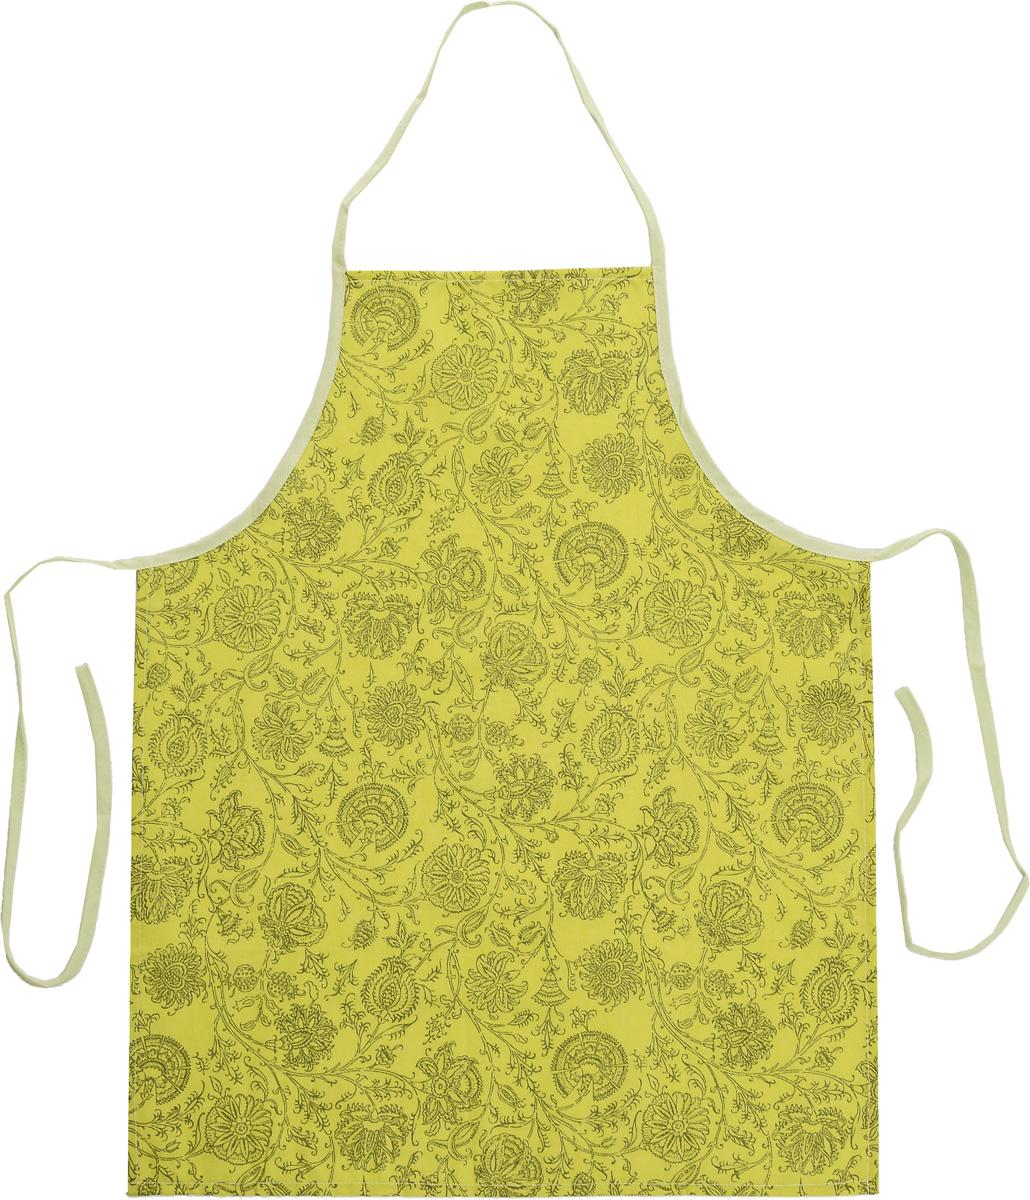 Фартук Bonita Марципан, 56 х 67 см14010815711Фартук Bonita Марципан изготовлен из натурального хлопка с покрытием, которое отталкивает грязь, воду и масло. Фартук оснащен завязками. Имеет универсальный размер. Декорирован красивым узором, который понравится любой хозяйке.Такой фартук поможет вам избежать попадания еды на одежду во время приготовления пищи. Кухня - это сердце дома, где вся семья собирается вместе. Она бережно хранит и поддерживает жизнь домашнего очага, который нас согревает. Именно поэтому так важно создать здесь атмосферу, которая не только возбудит аппетит, но и наполнит жизненной энергией. С текстилем Bonita открывается возможность не только каждый день дарить кухне новый облик, но и создавать настоящие кулинарные шедевры. Bonita станет незаменимым помощником и идейным вдохновителем, создающим вкусное настроение на вашей кухне.